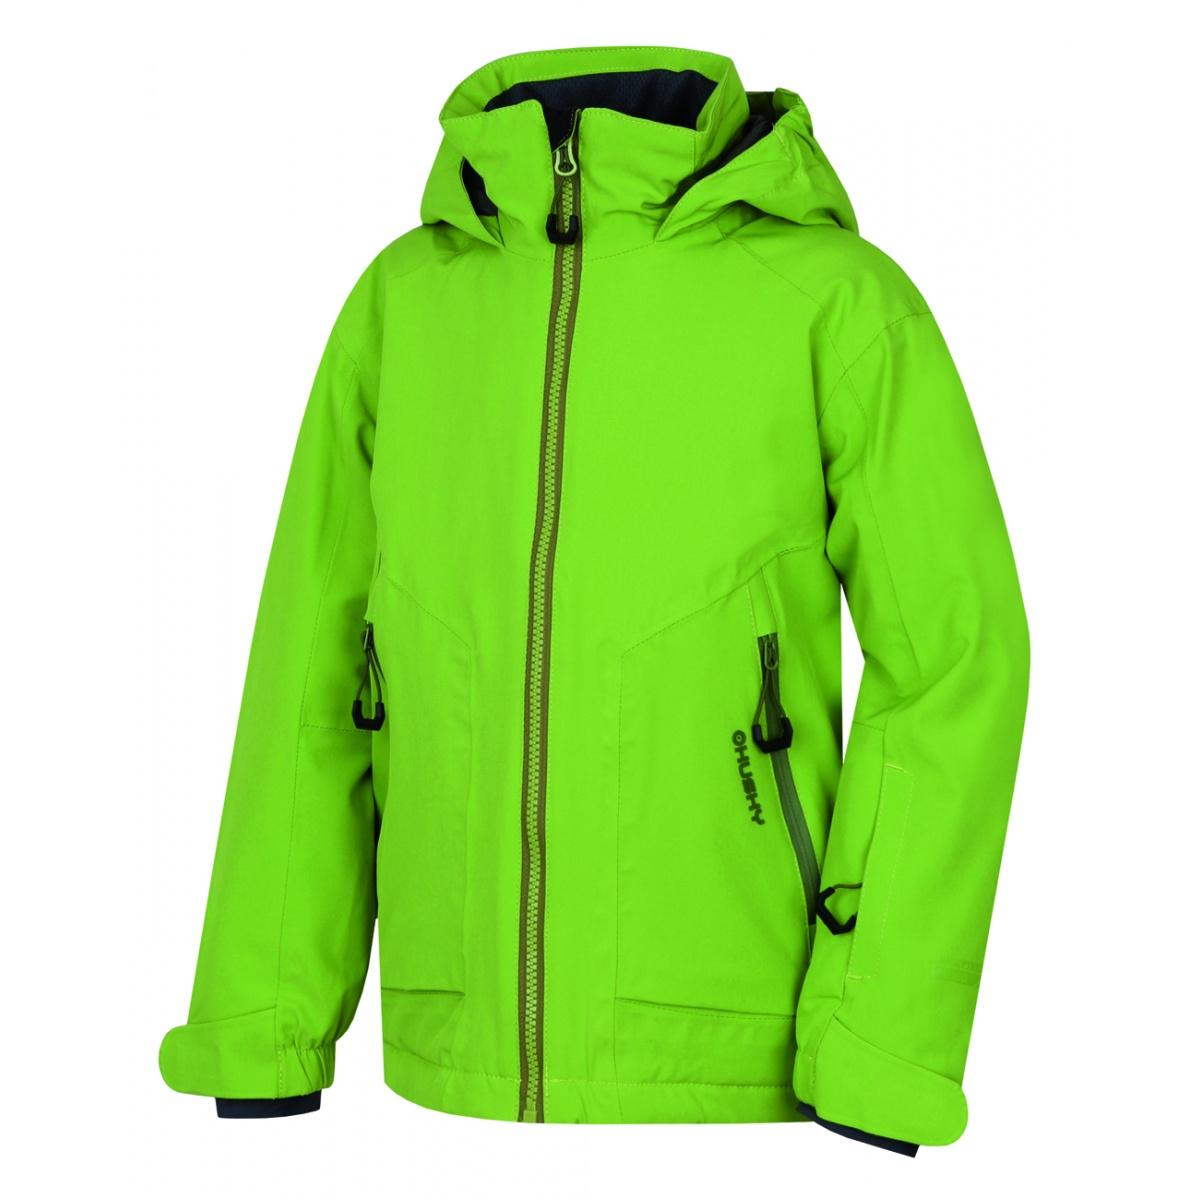 a803a9944265 Dětská ski bunda - Zengl Kids – zelená